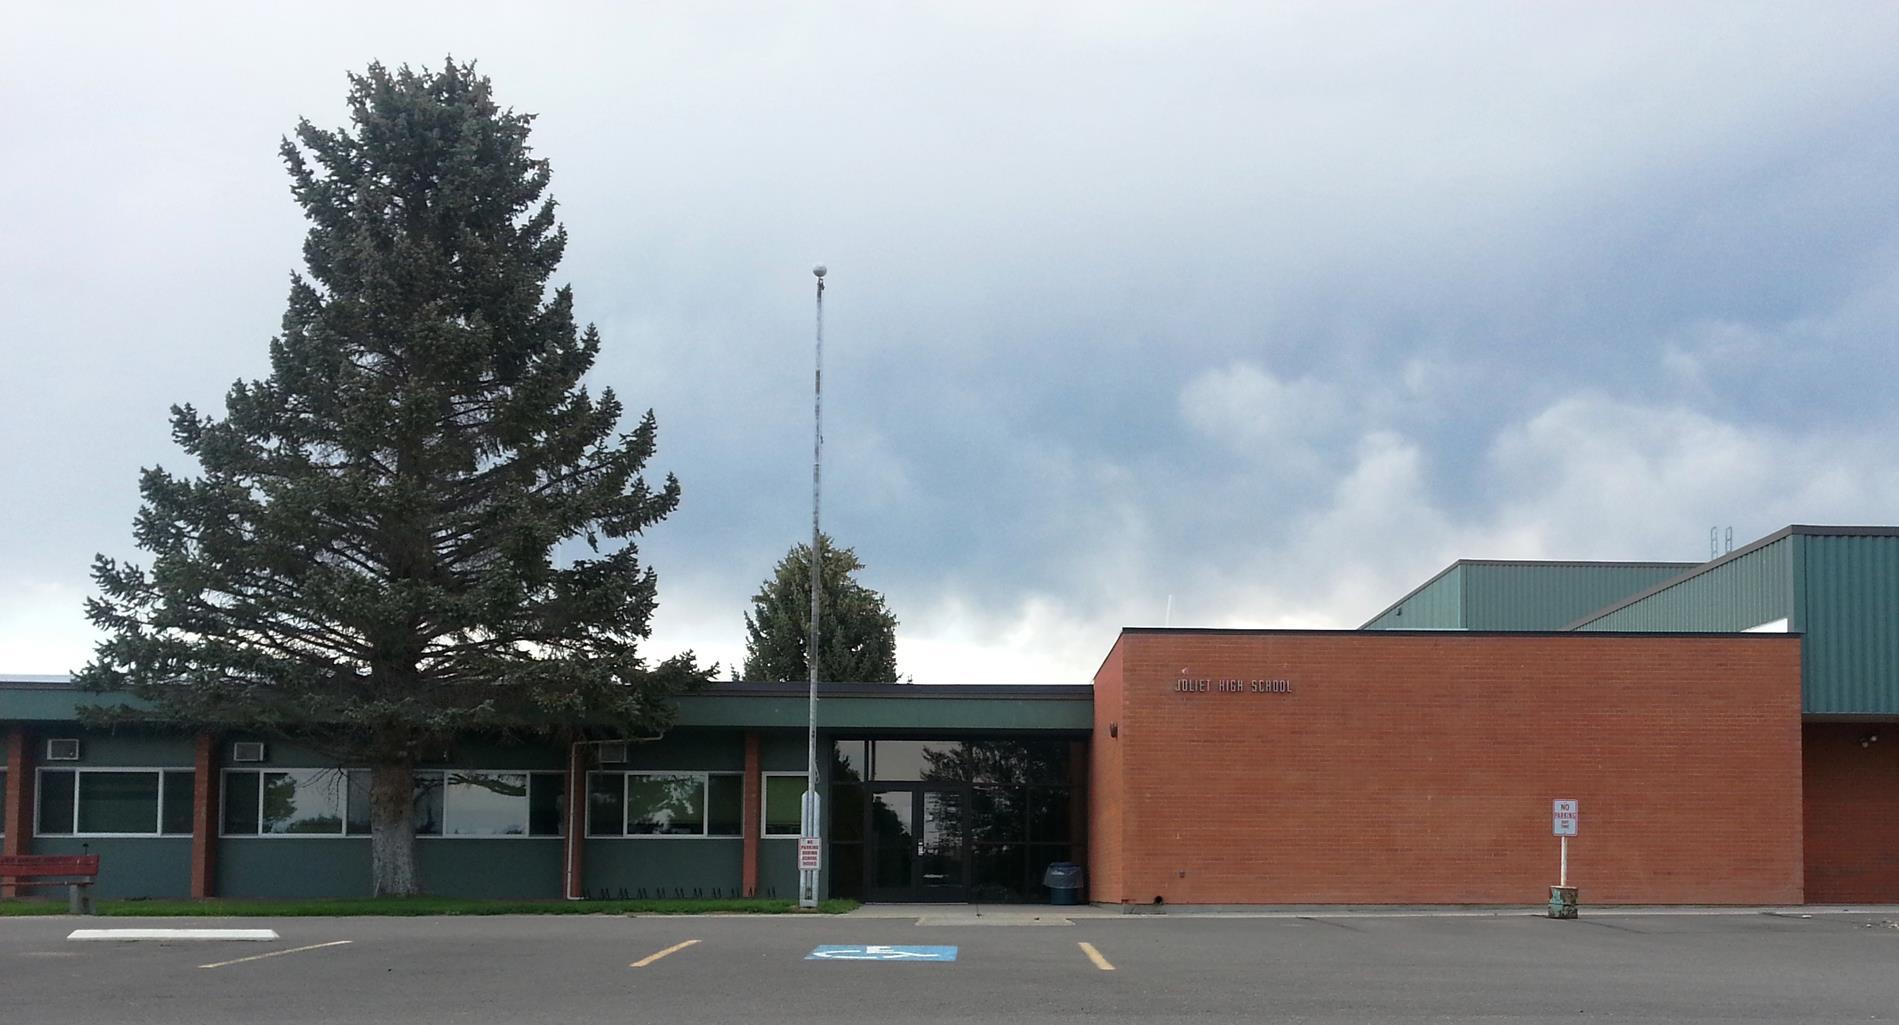 Joliet School pictured